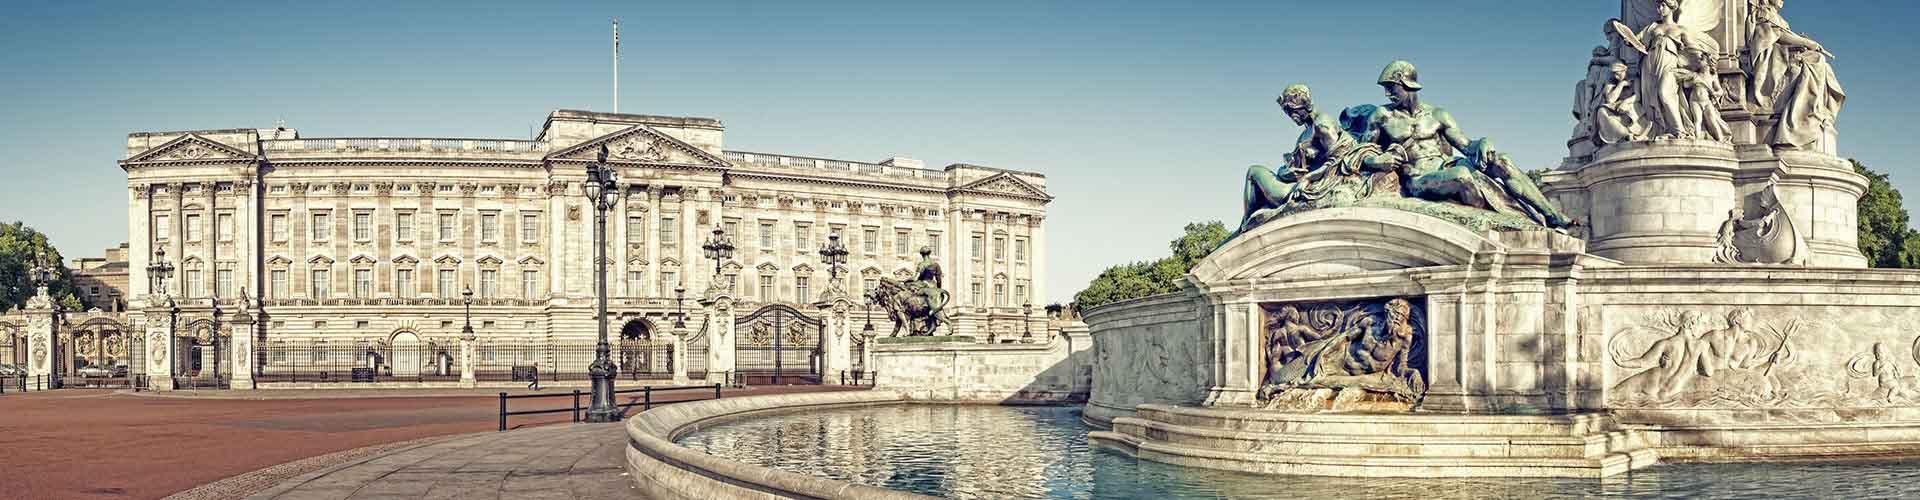 Londres - Albergues Juveniles cerca a El Palacio de Buckingham. Mapas de Londres, Fotos y Comentarios para cada Albergue Juvenil en Londres.